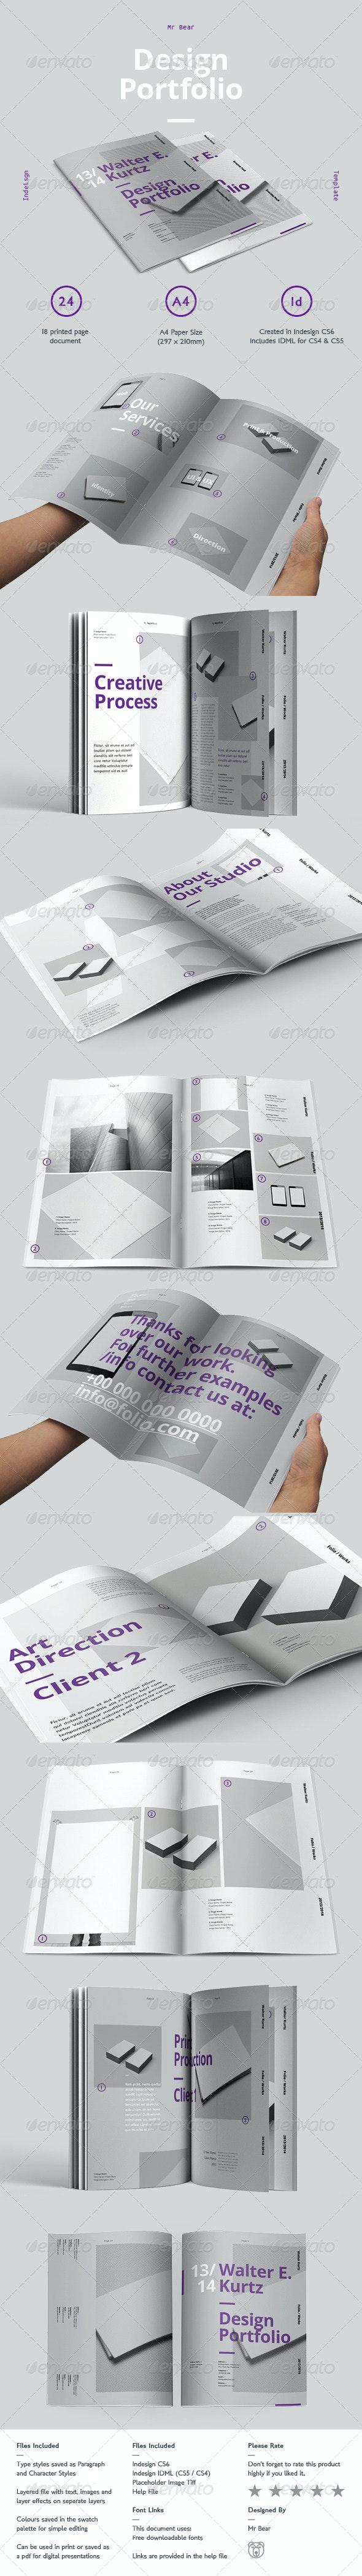 Mr Design Portfolio - Print Templates